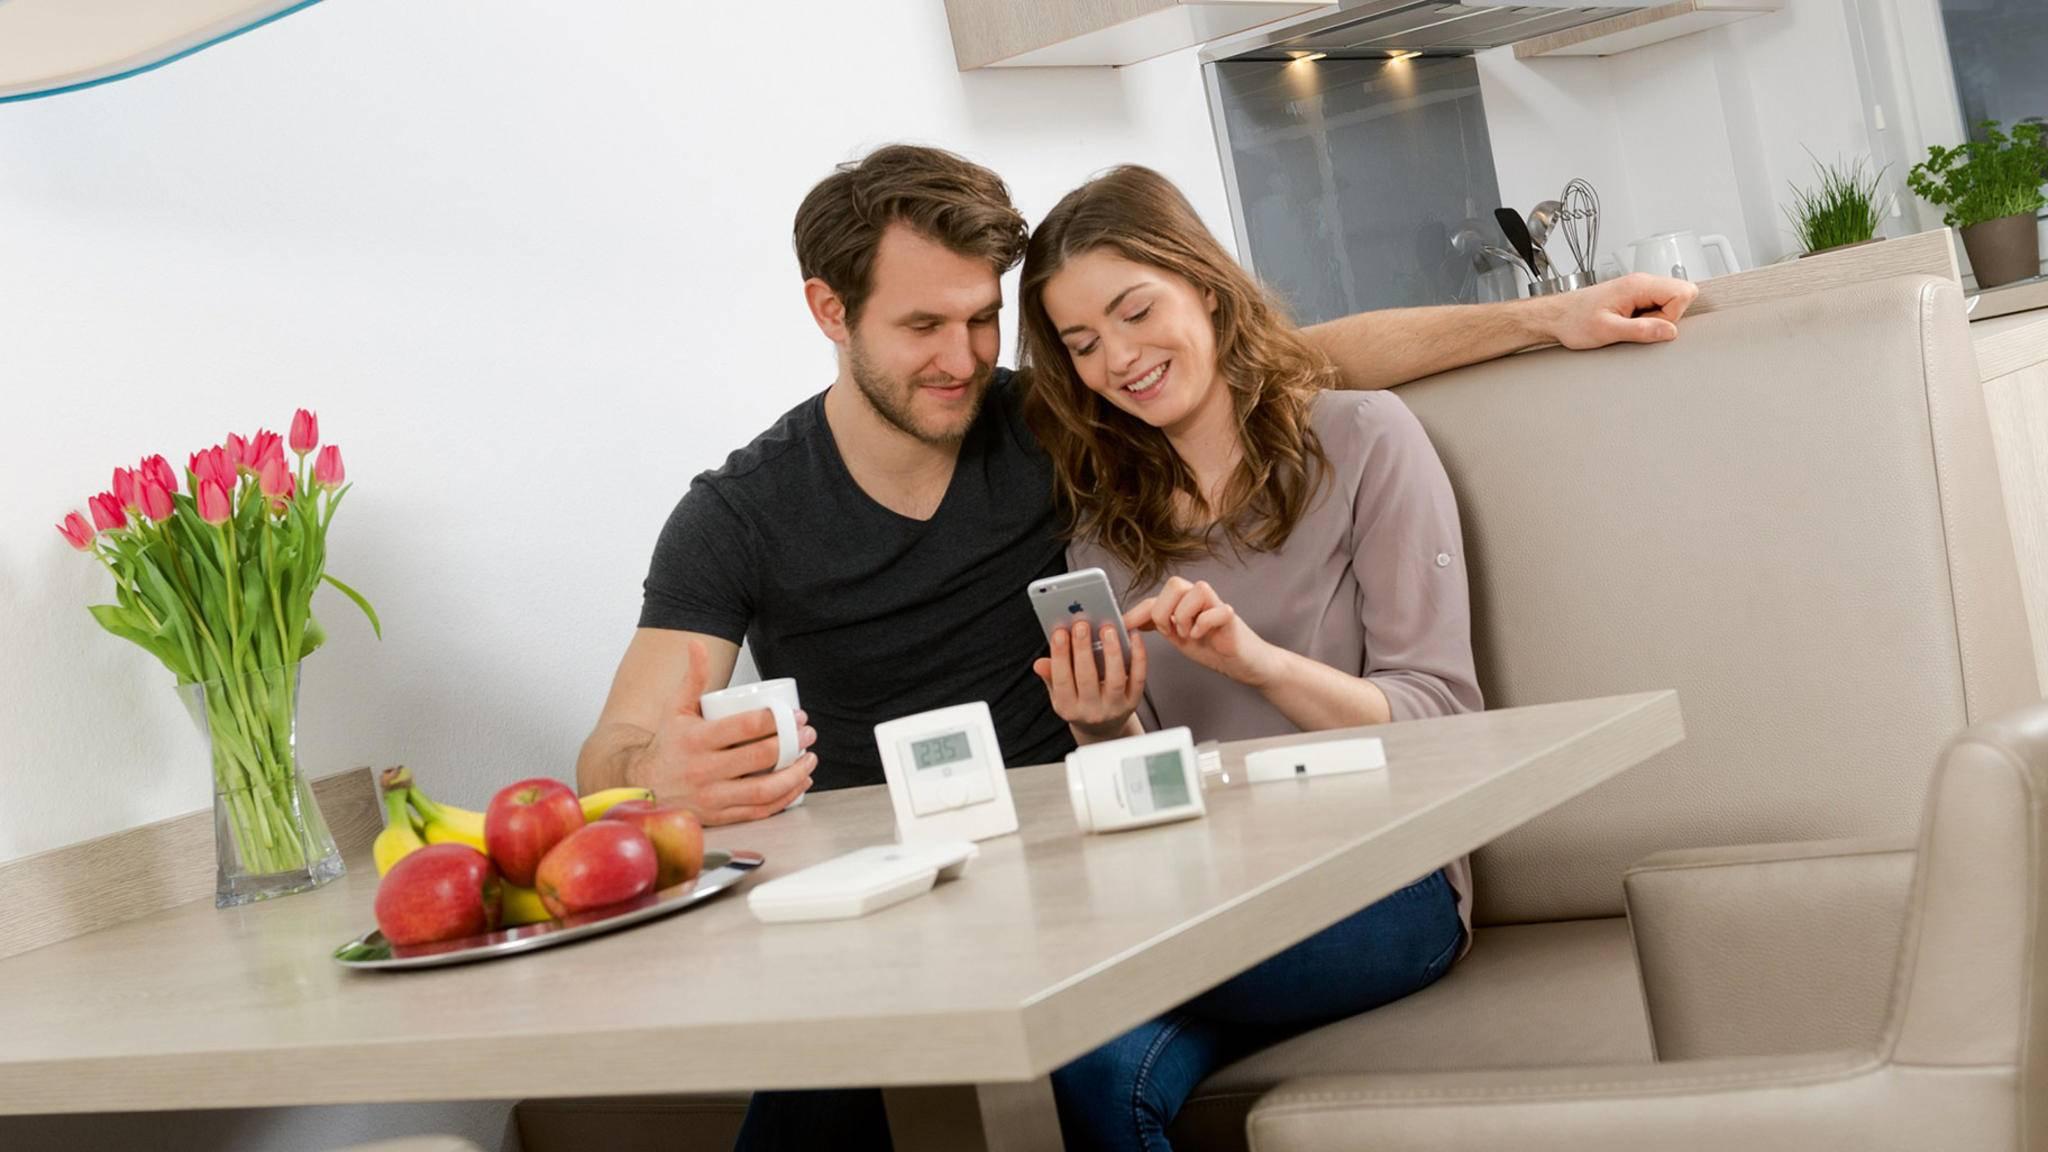 Geht es um Smart Home, kommt man an Homematic nur schwer vorbei.